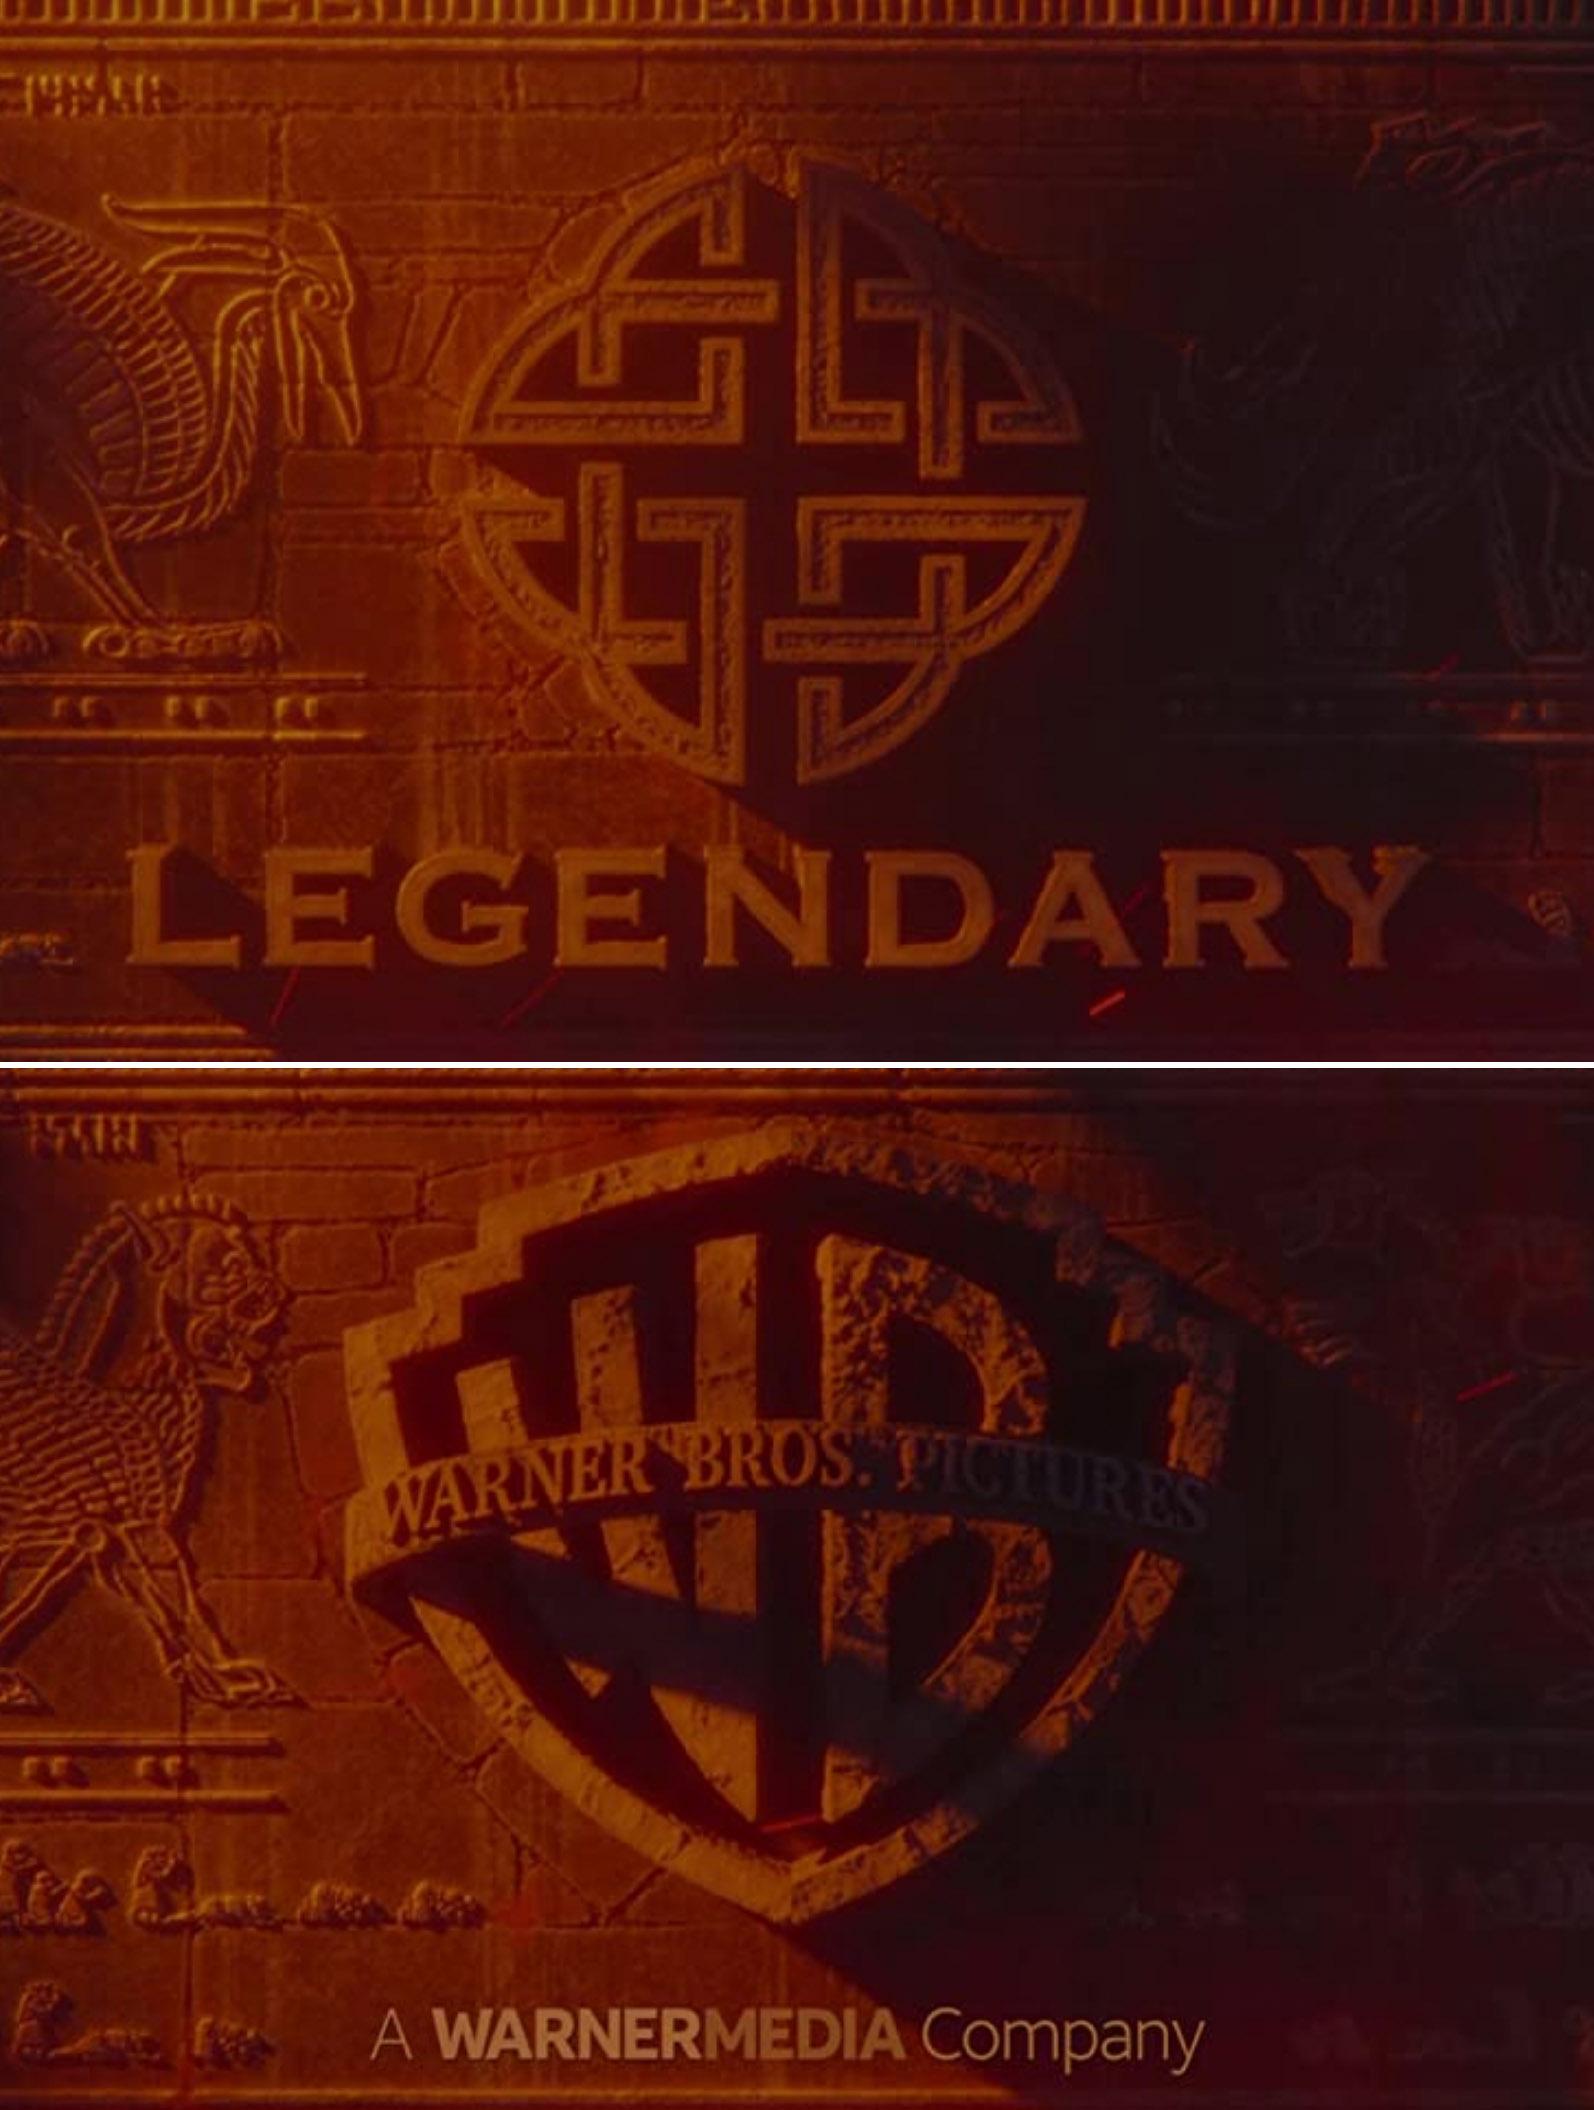 Legendary Entertainment vs. Warner Bros: Skjermbilde fra Godzilla: King of the Monsters fra 2019